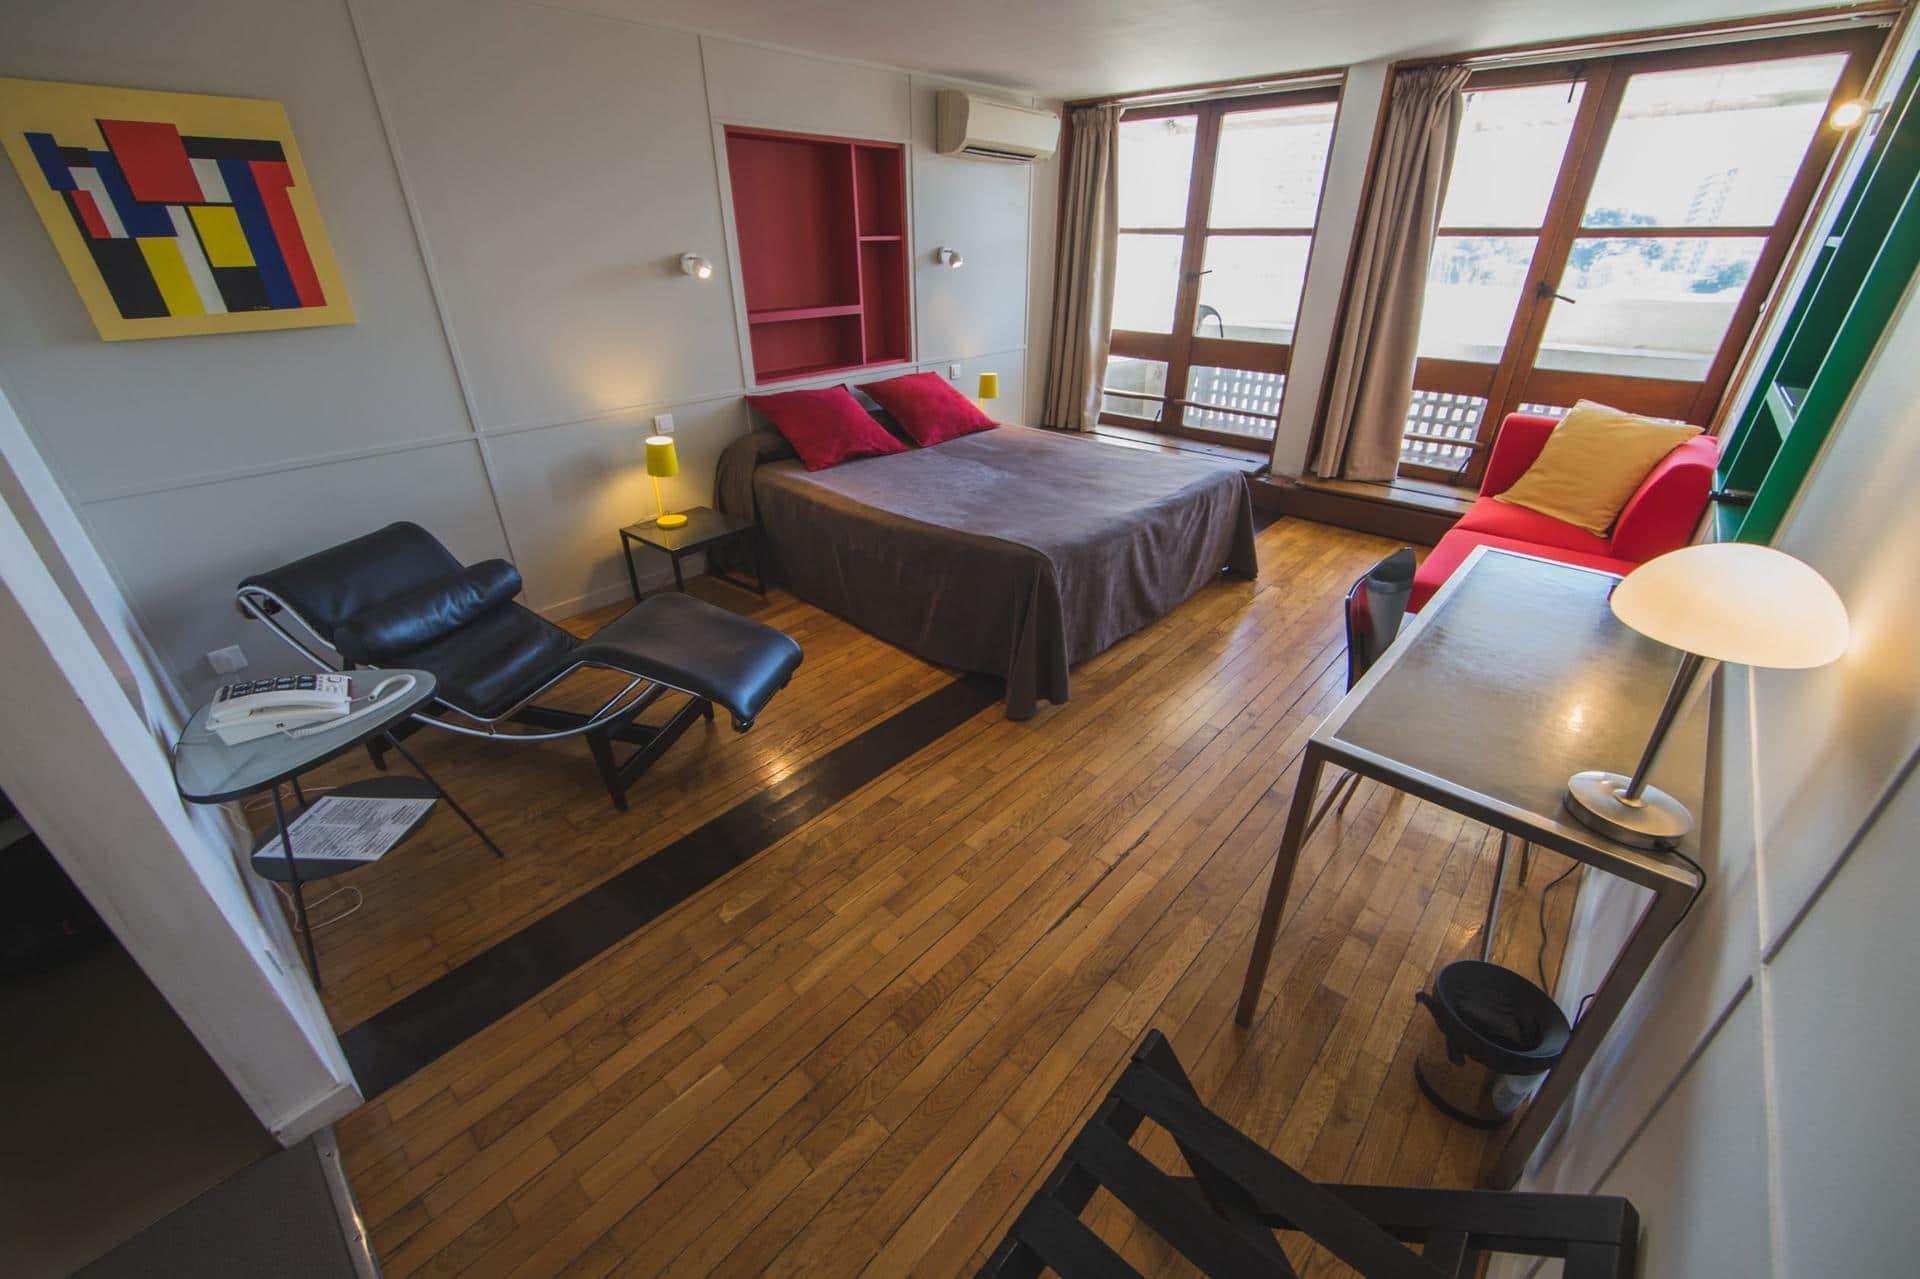 Chambre double deluxe avec balcon - vue parc : La Design 152 Euros -